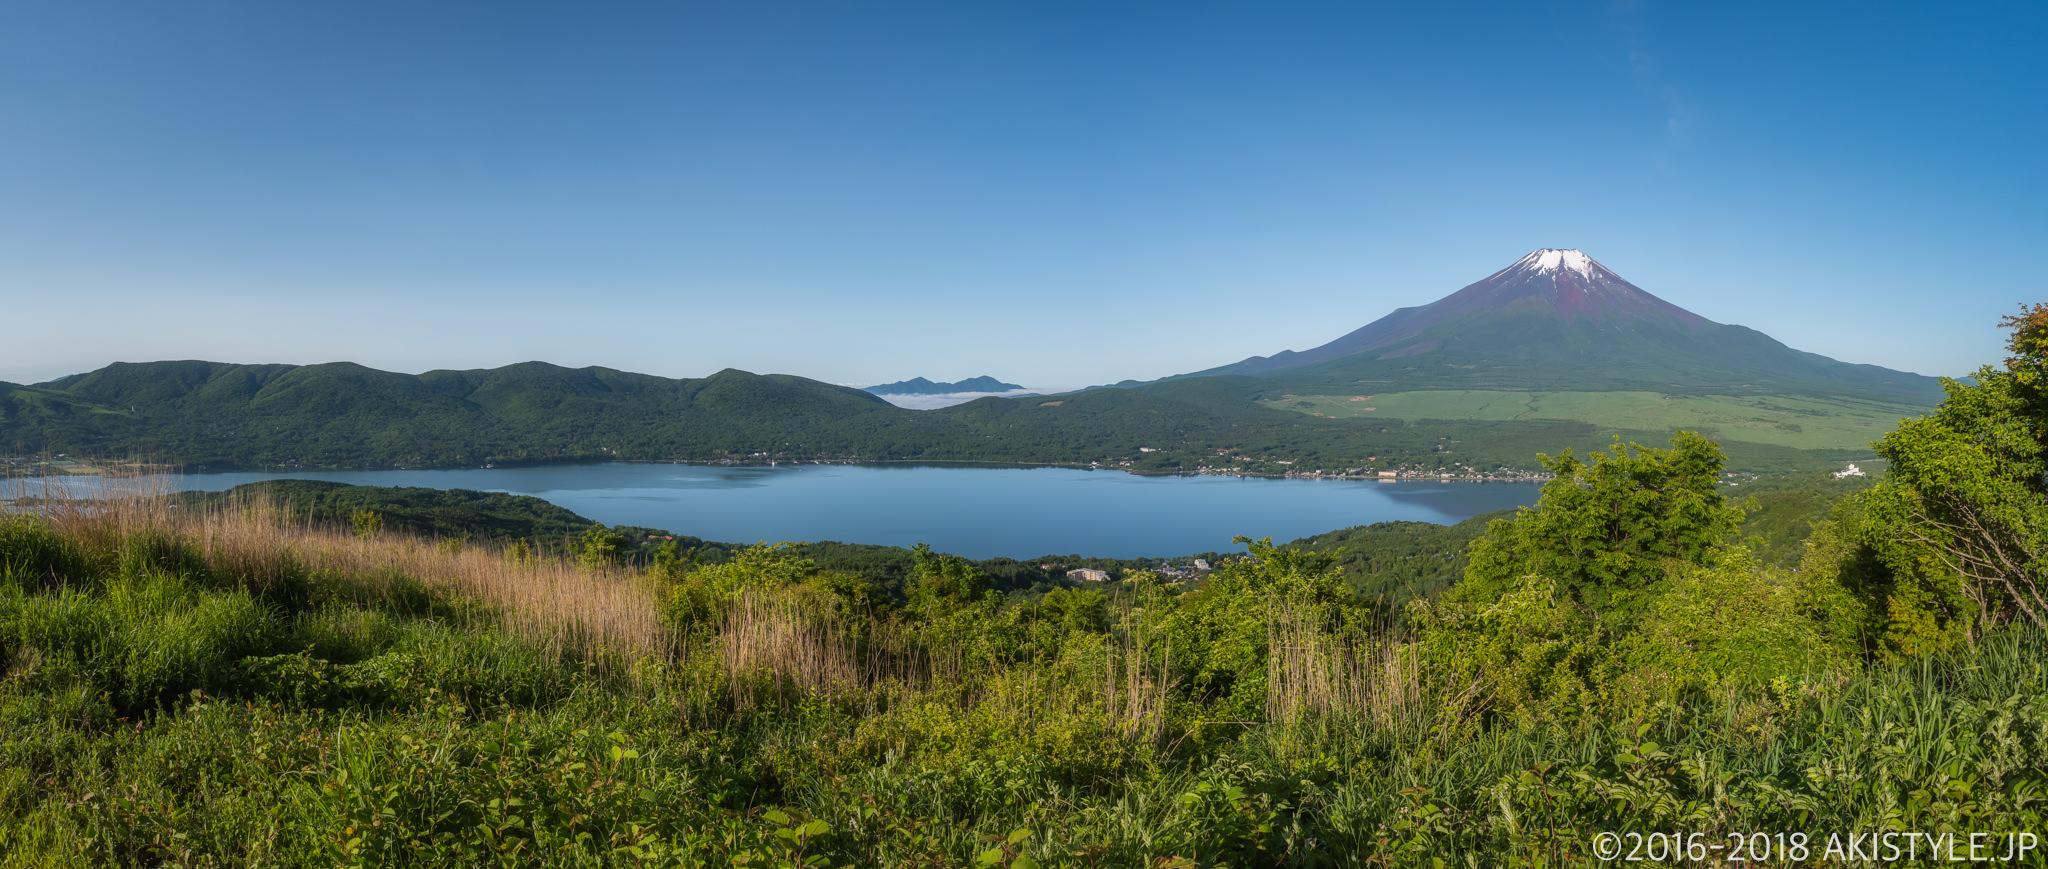 大平山から見た山中湖と富士山